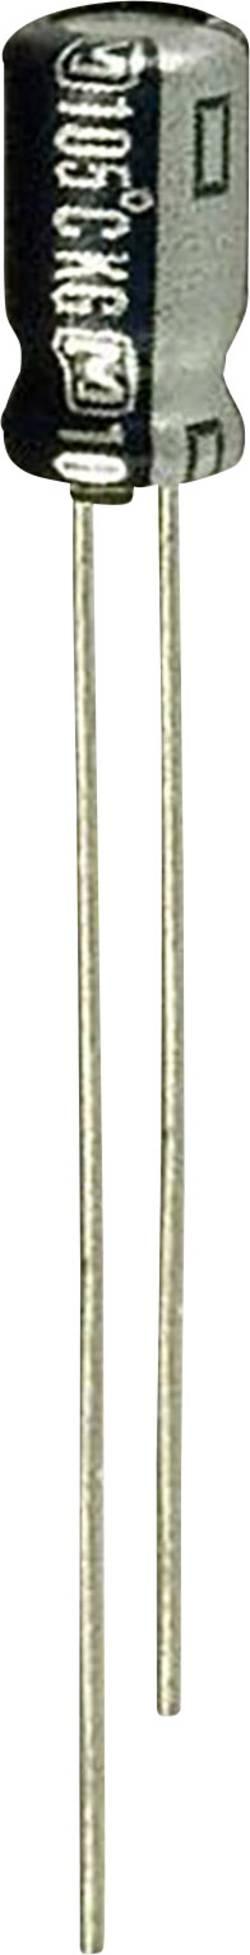 Condensateur électrolytique sortie radiale 0.15 µF 50 V Panasonic ECE-A1HKGR15 (Ø) 4 mm 20 % Pas: 1.5 mm 1 pc(s)